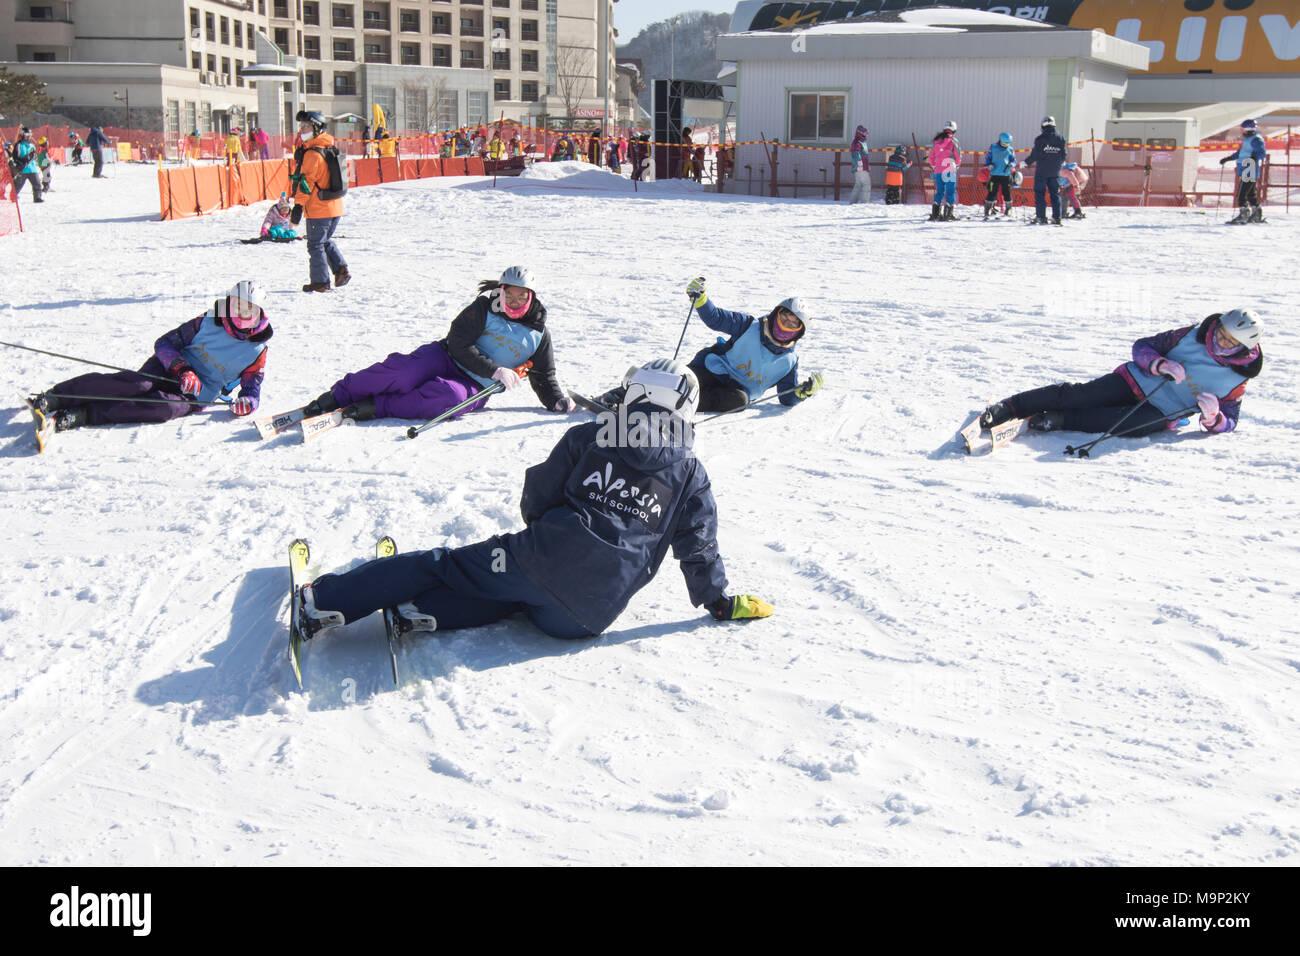 Cuatro mujeres se les enseña a levantarse después de caer mientras esquía, en el Alpensia resort en la región de Gangwon-do de Corea del Sur. El Alpensia Resort es un resort de esquí y una atracción turística. Está ubicado en el territorio del municipio de Daegwallyeong-myeon, en el condado de Pyeongchang, acoger los Juegos Olímpicos de Invierno en febrero de 2018. La estación de esquí es de aproximadamente 2,5 horas de Seúl o Incheon Airport en coche, predominantemente todo autopista. Alpensia tiene seis pistas para el esquí y el snowboard, con carreras de hasta 1,4 km (0,87 millas) de largo, para principiantes y esquiadores avanzados, y un área Imagen De Stock